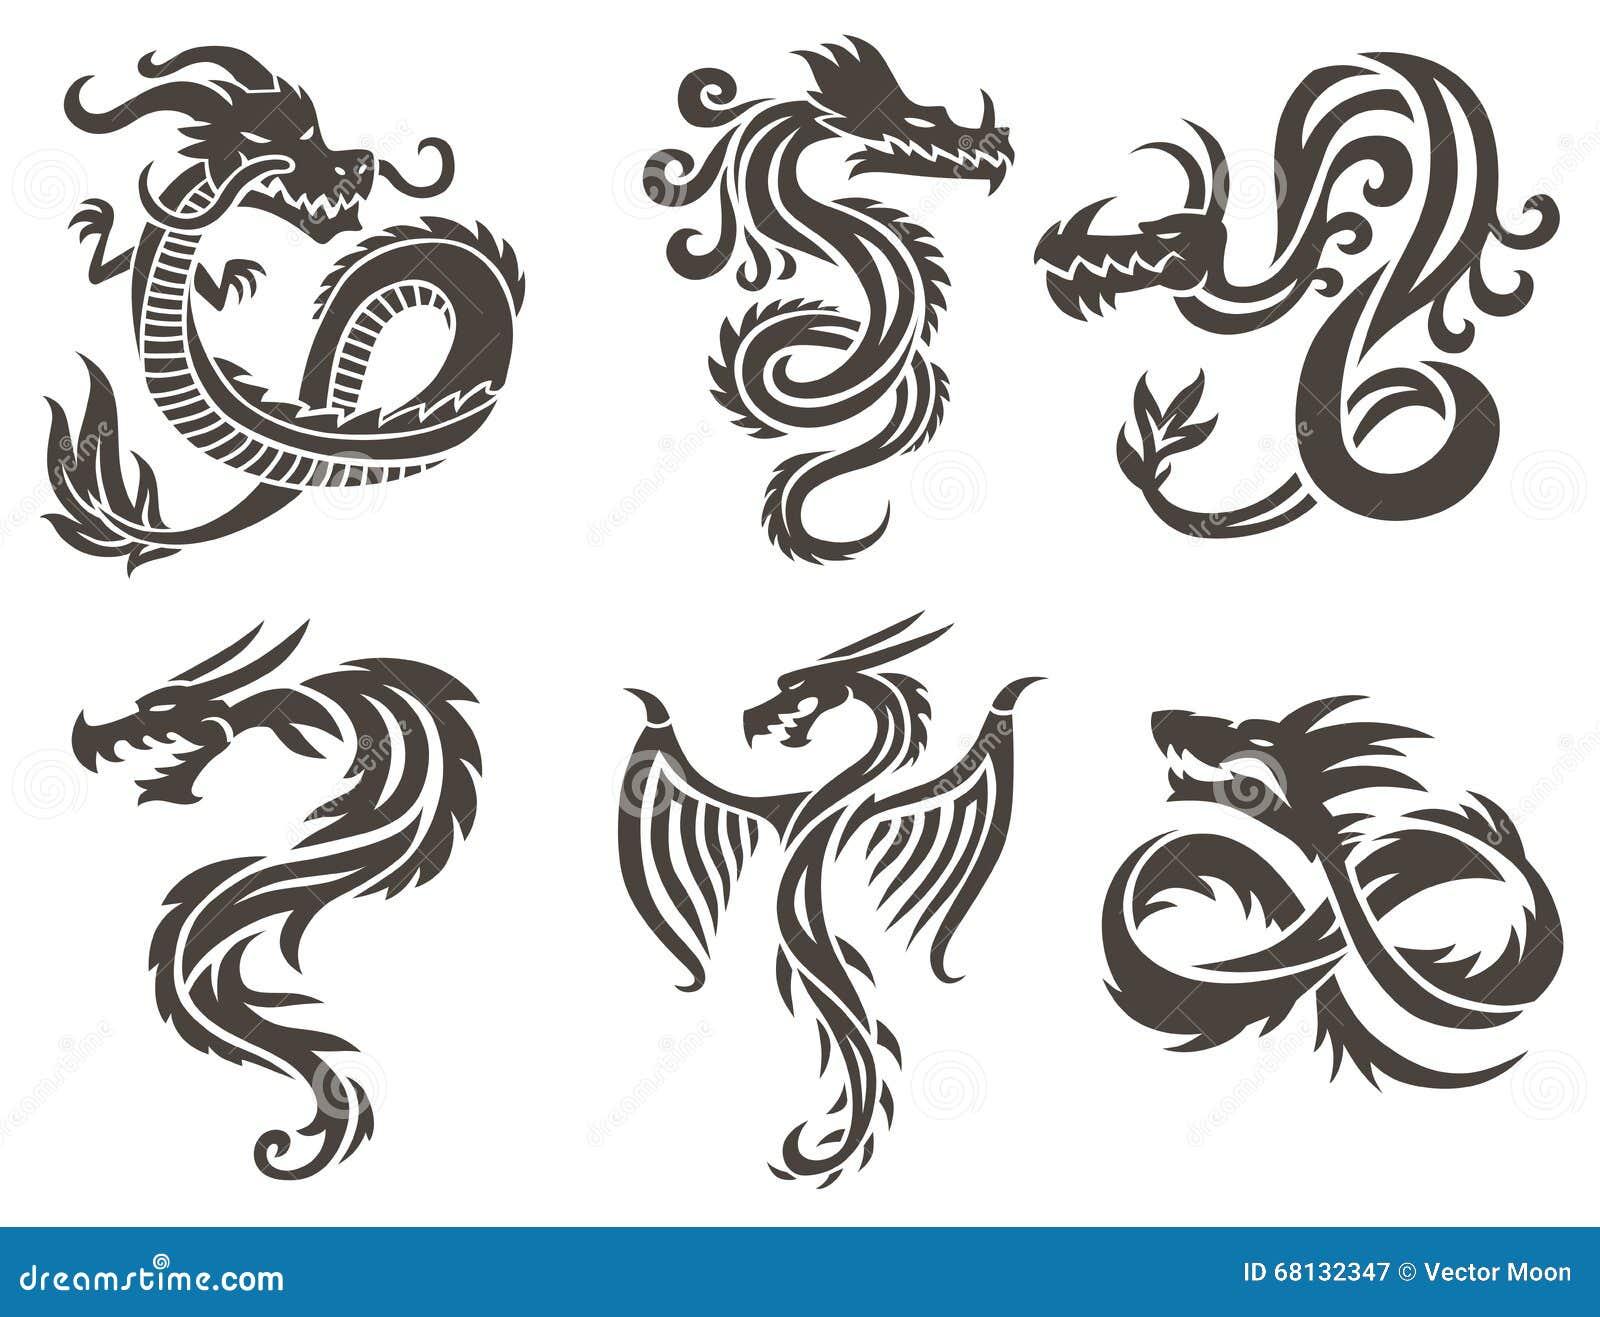 Dragon Chinois Sur L Illustration Blanche De Vecteur De Fond